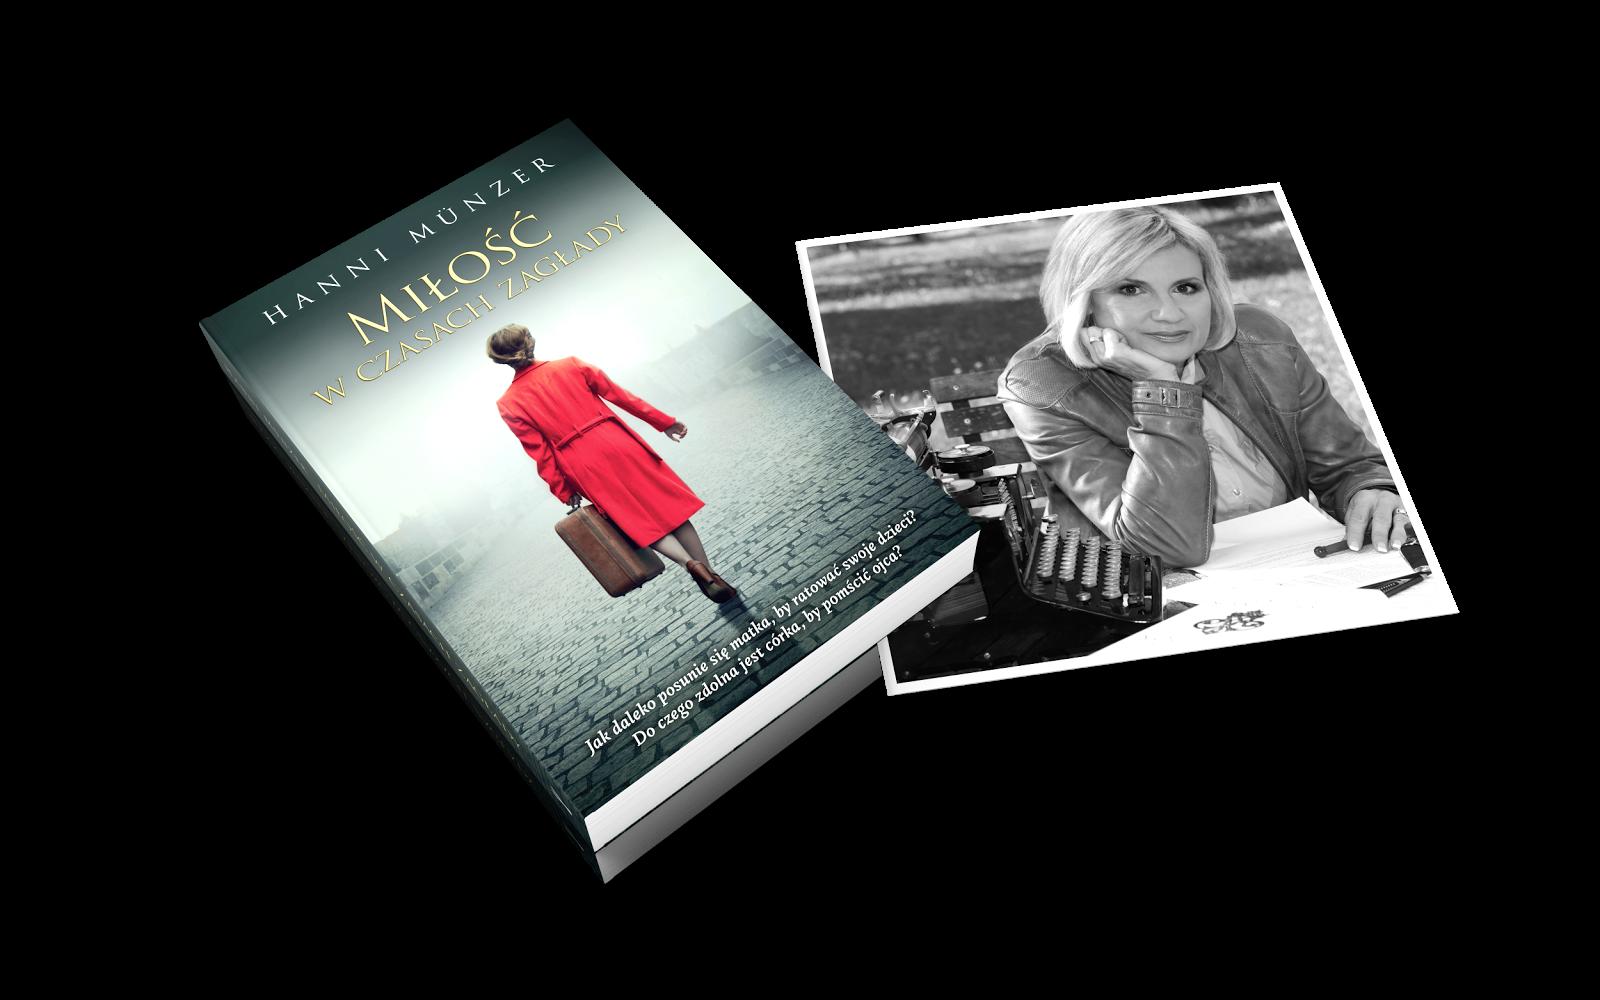 Miłość w czasach zagłady – Hanni Münzer. Zapowiedź